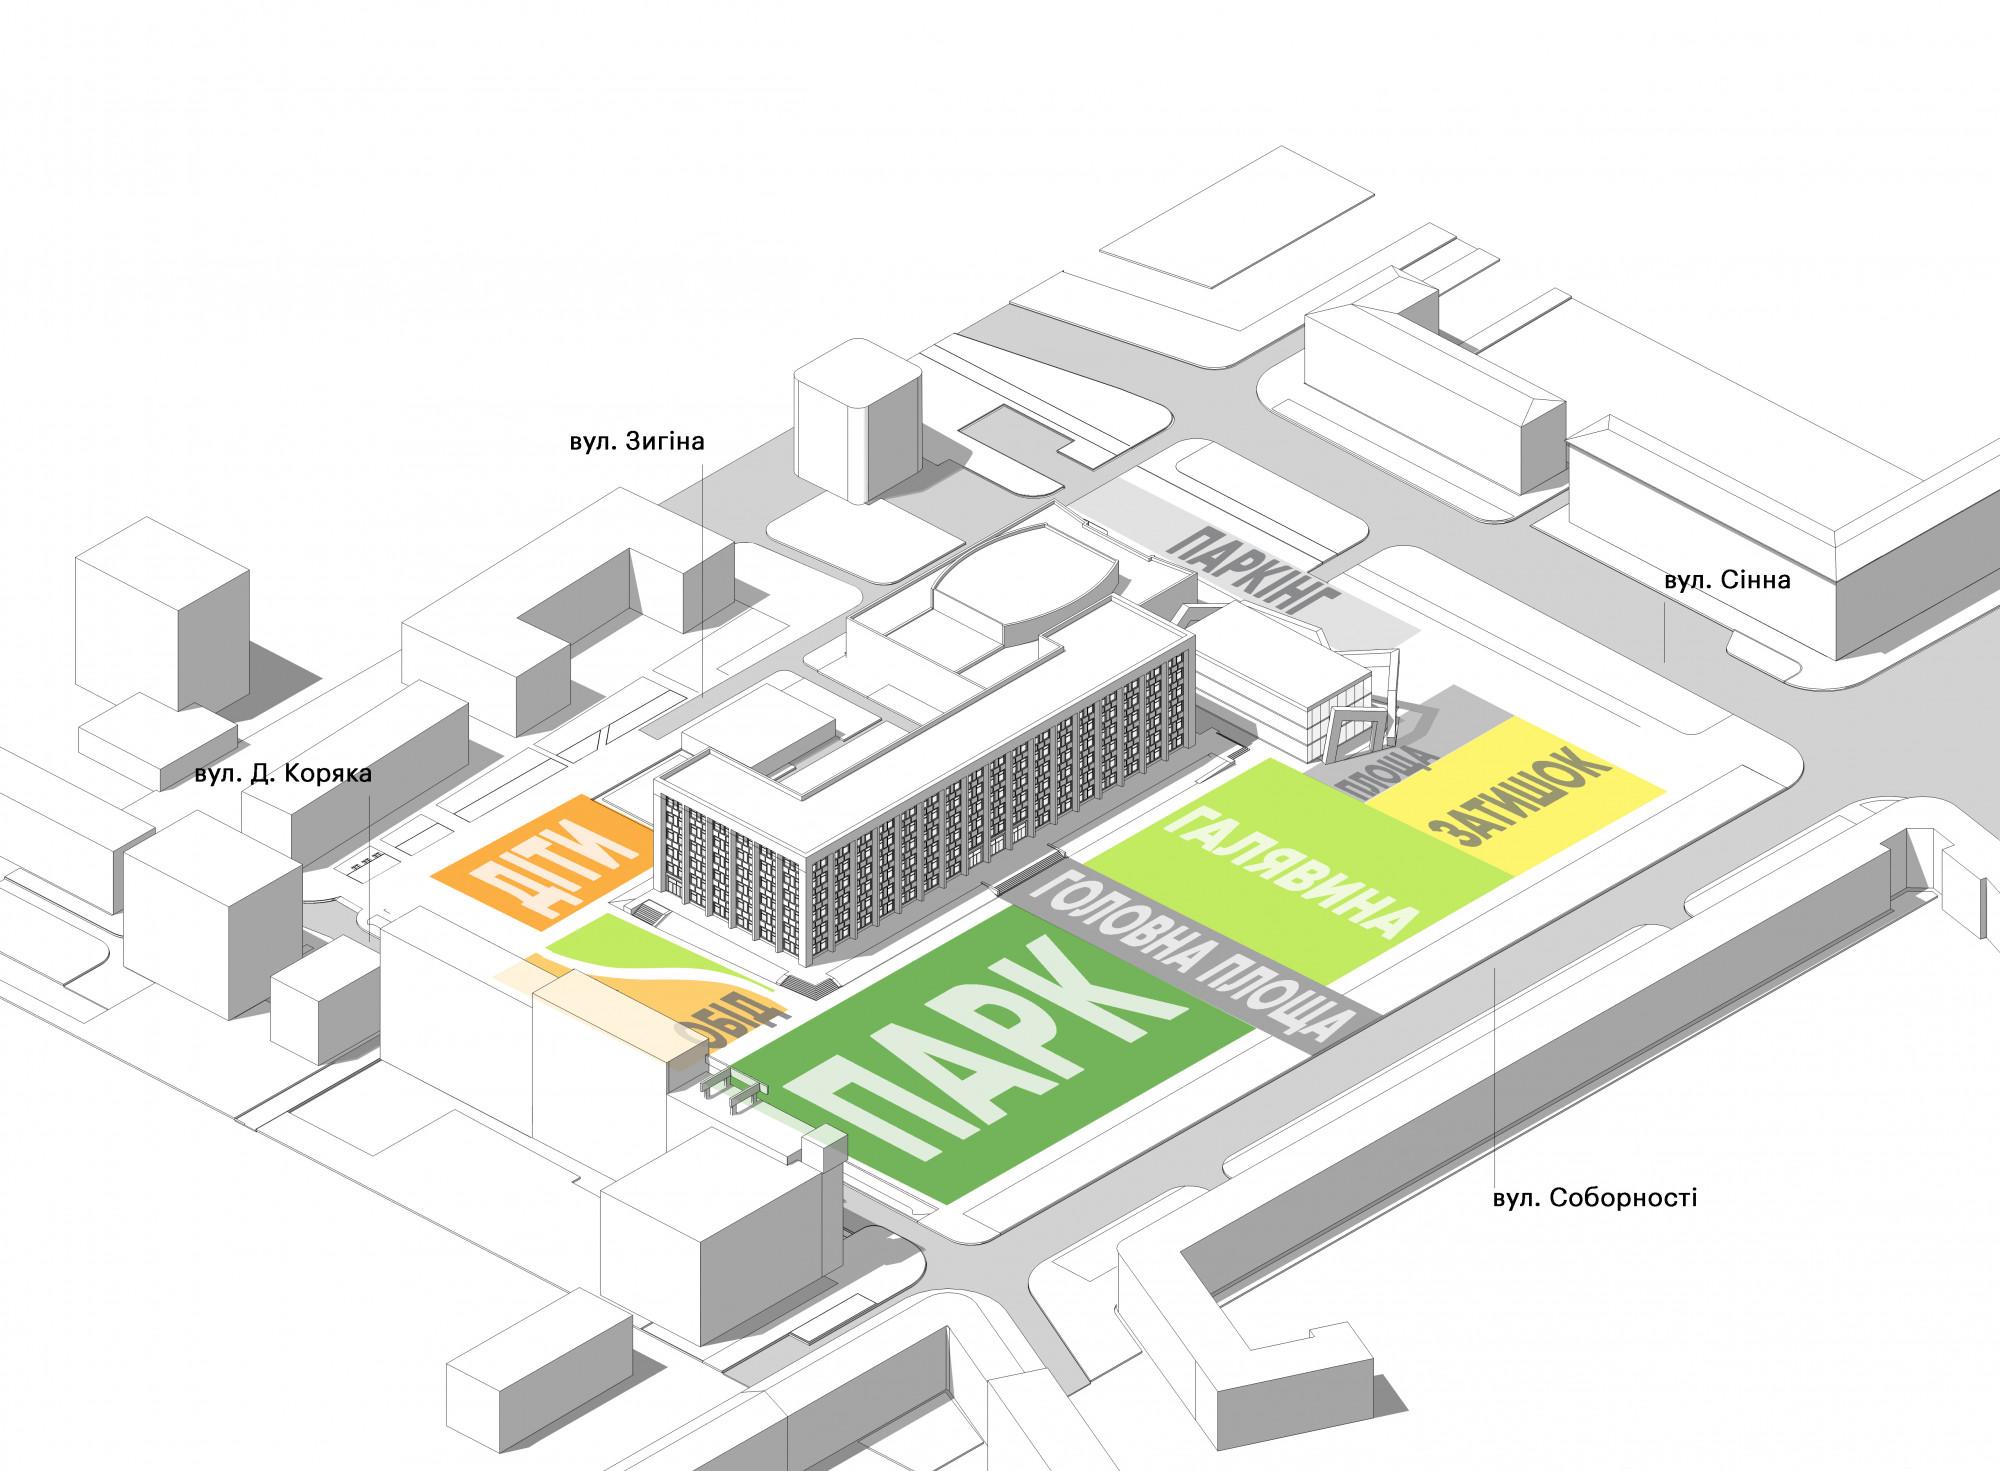 Проект площади перед зданием Полтавской ОГА студии ландшафтной архитектуры Kotsiuba. Посмотреть полностью можно тут.